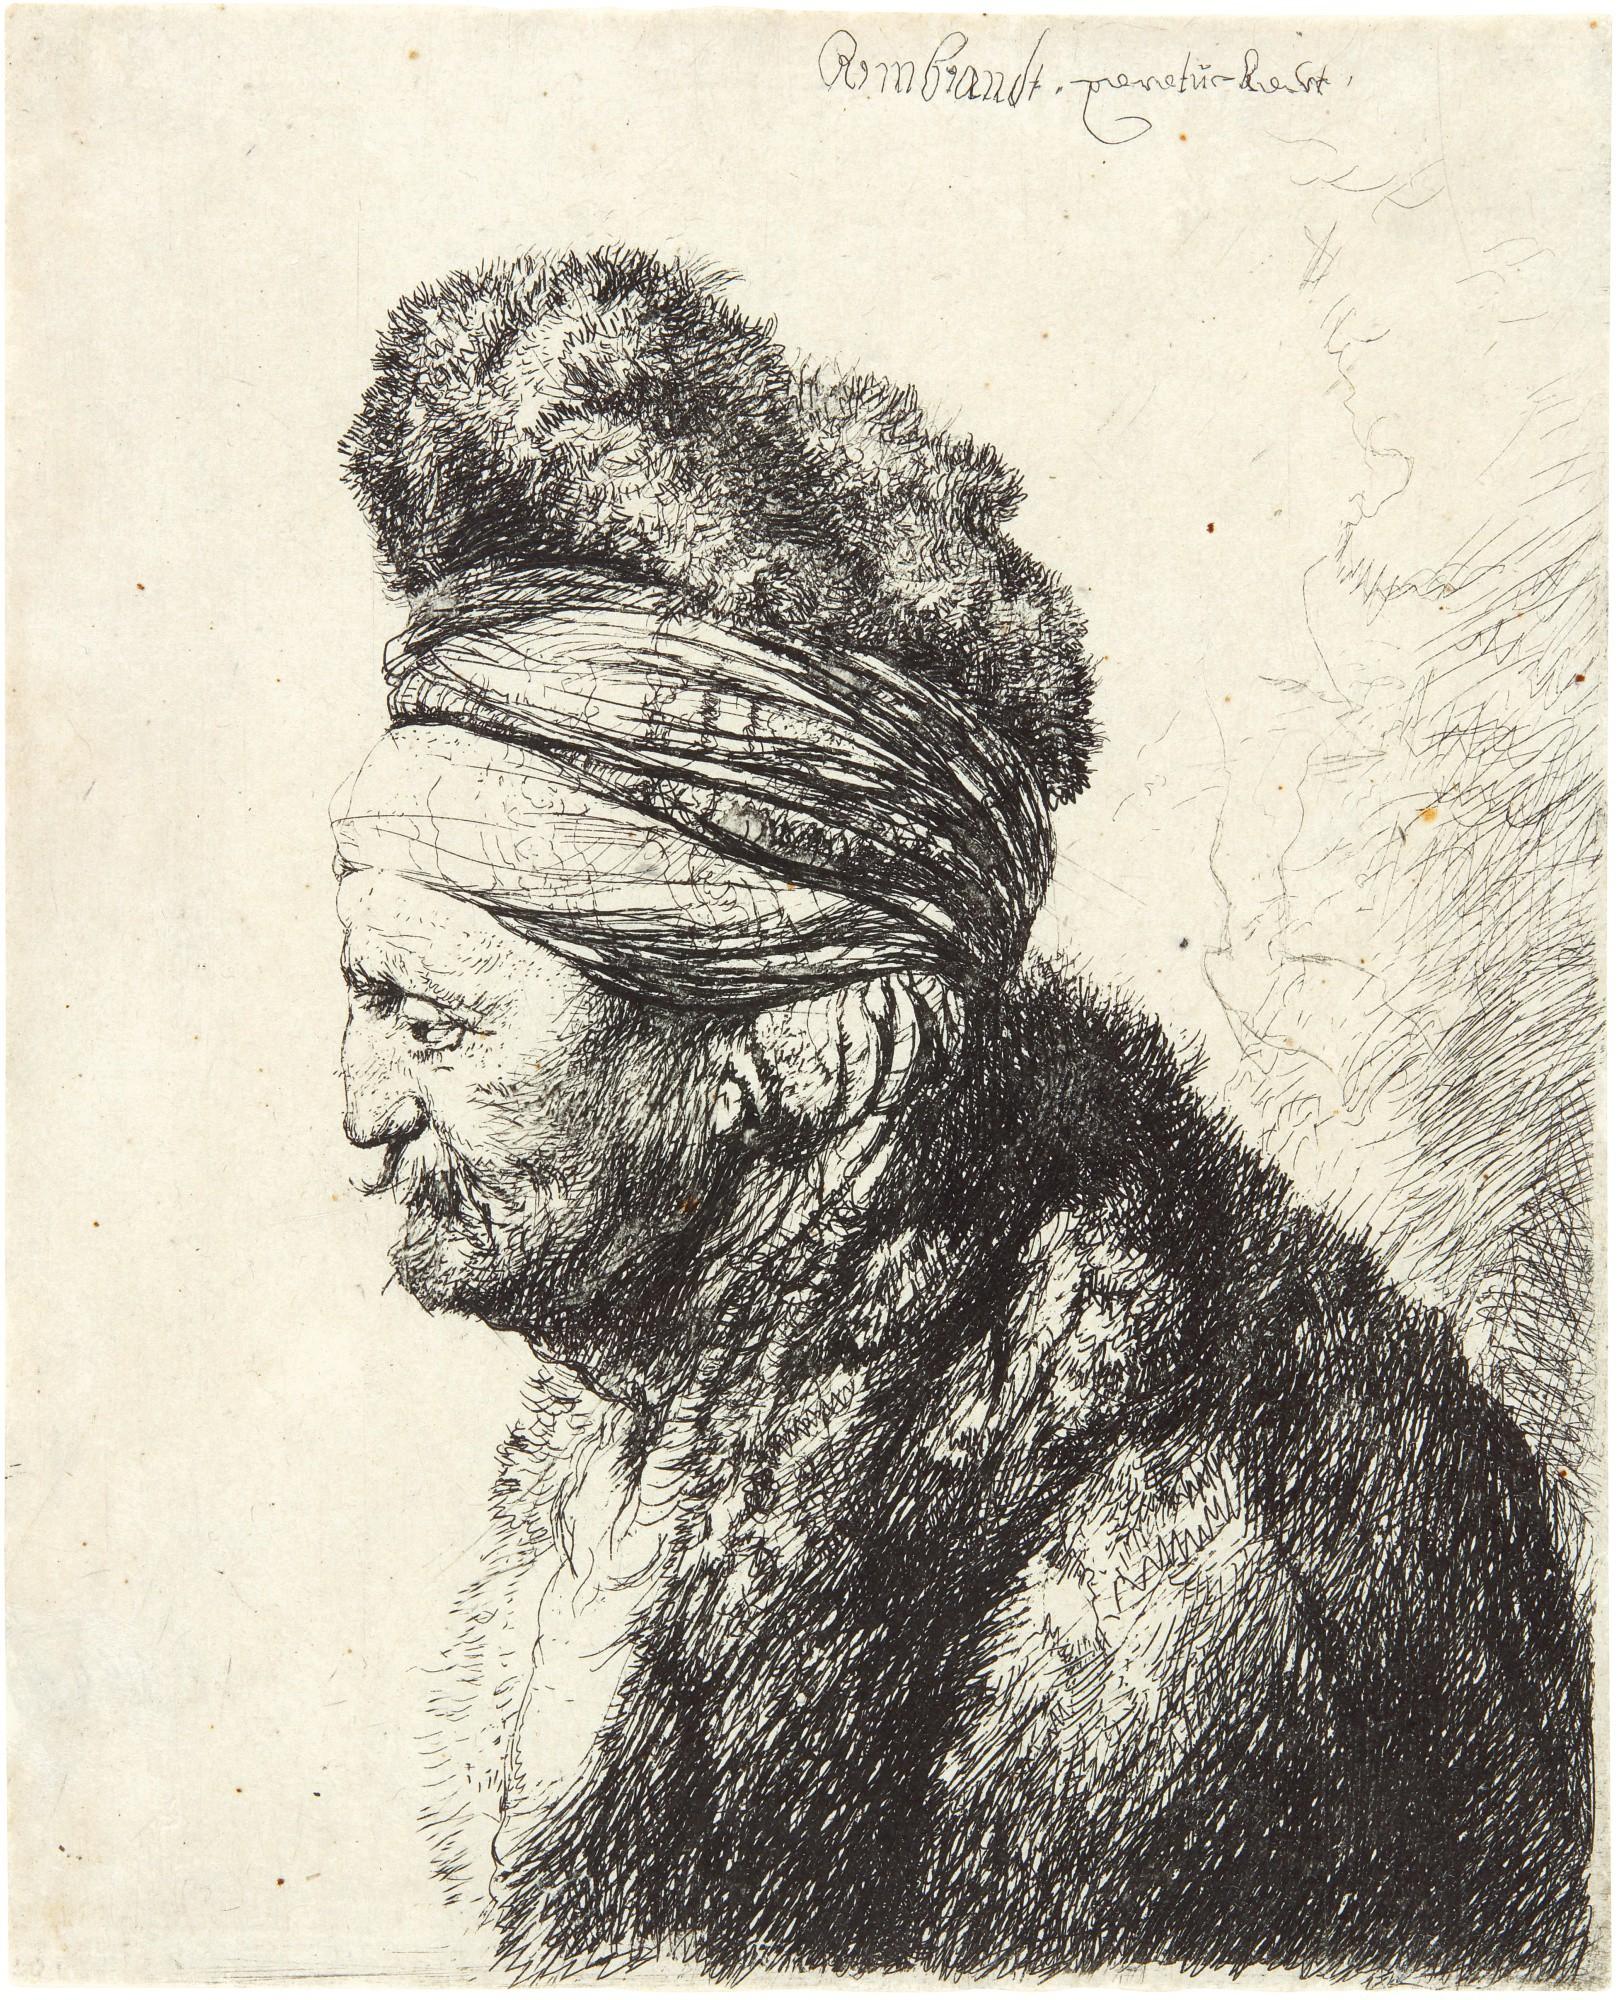 REMBRANDT HARMENSZ. VAN RIJN | THE SECOND ORIENTAL HEAD (B., HOLL. 287; NEW HOLL. 150; H. 132)